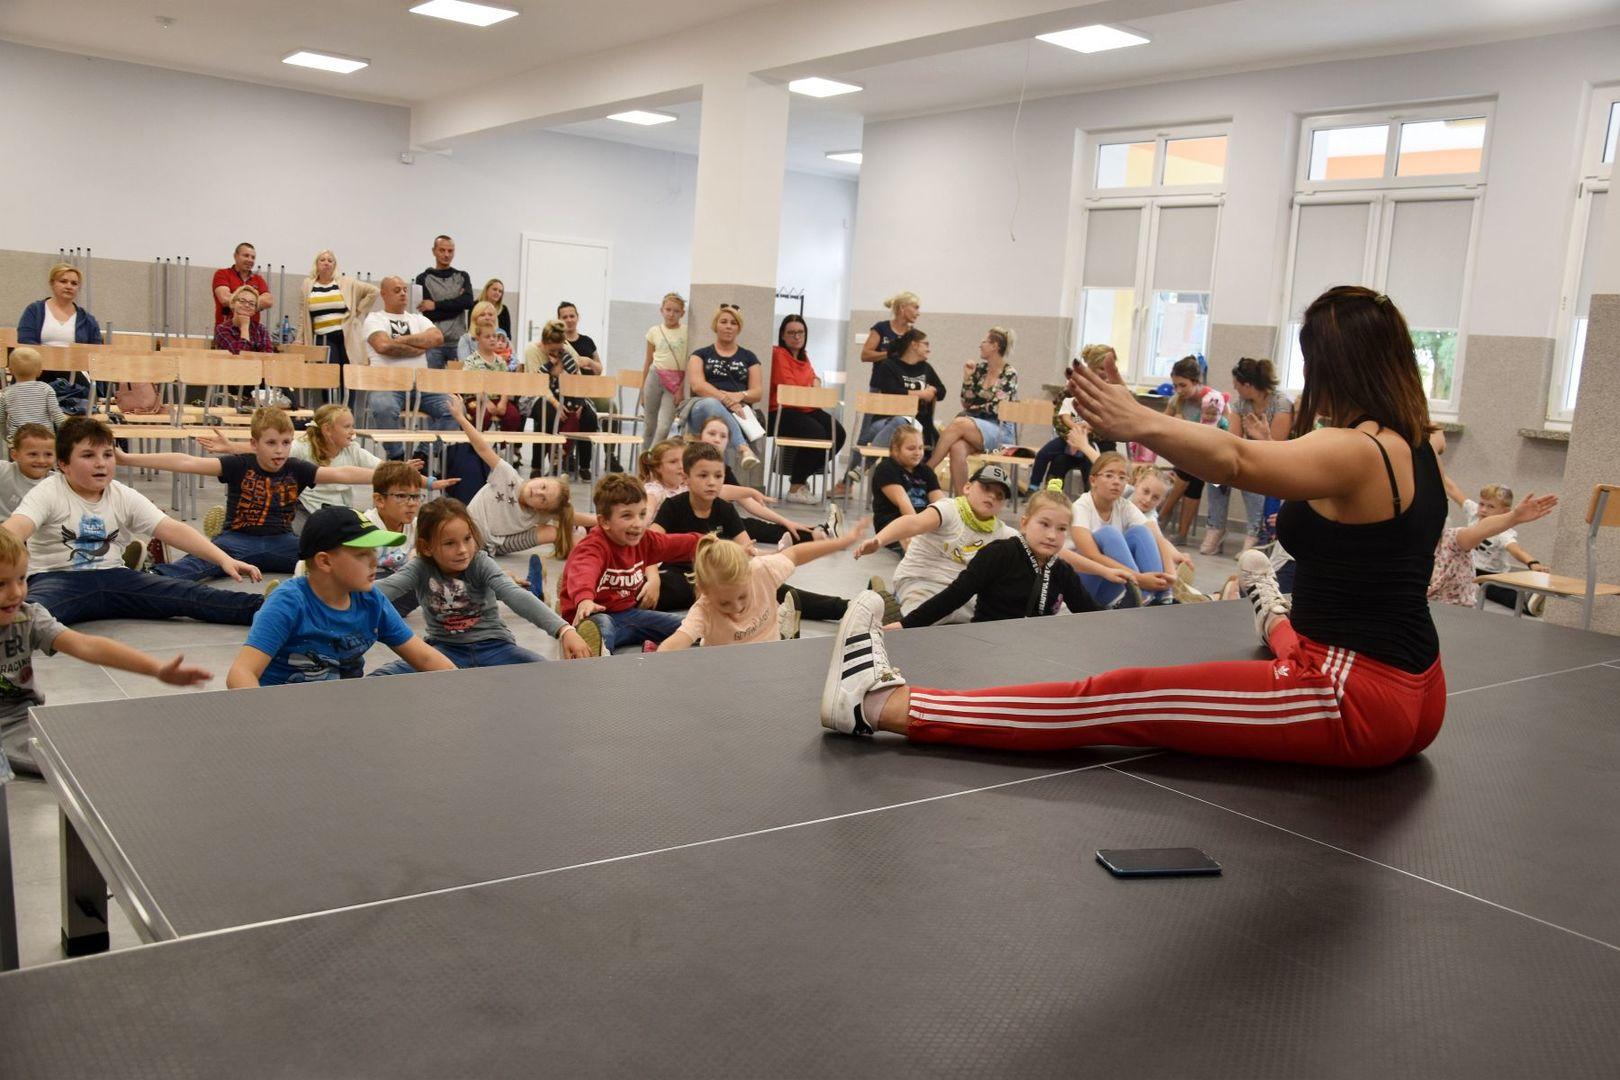 Zdjęcie przedstawia zajęcia pokazowe breakdance w Świetlicy Kultury w Malechowie: instruktorkę oraz dzieci biorące udział w lekcji pokazowej.